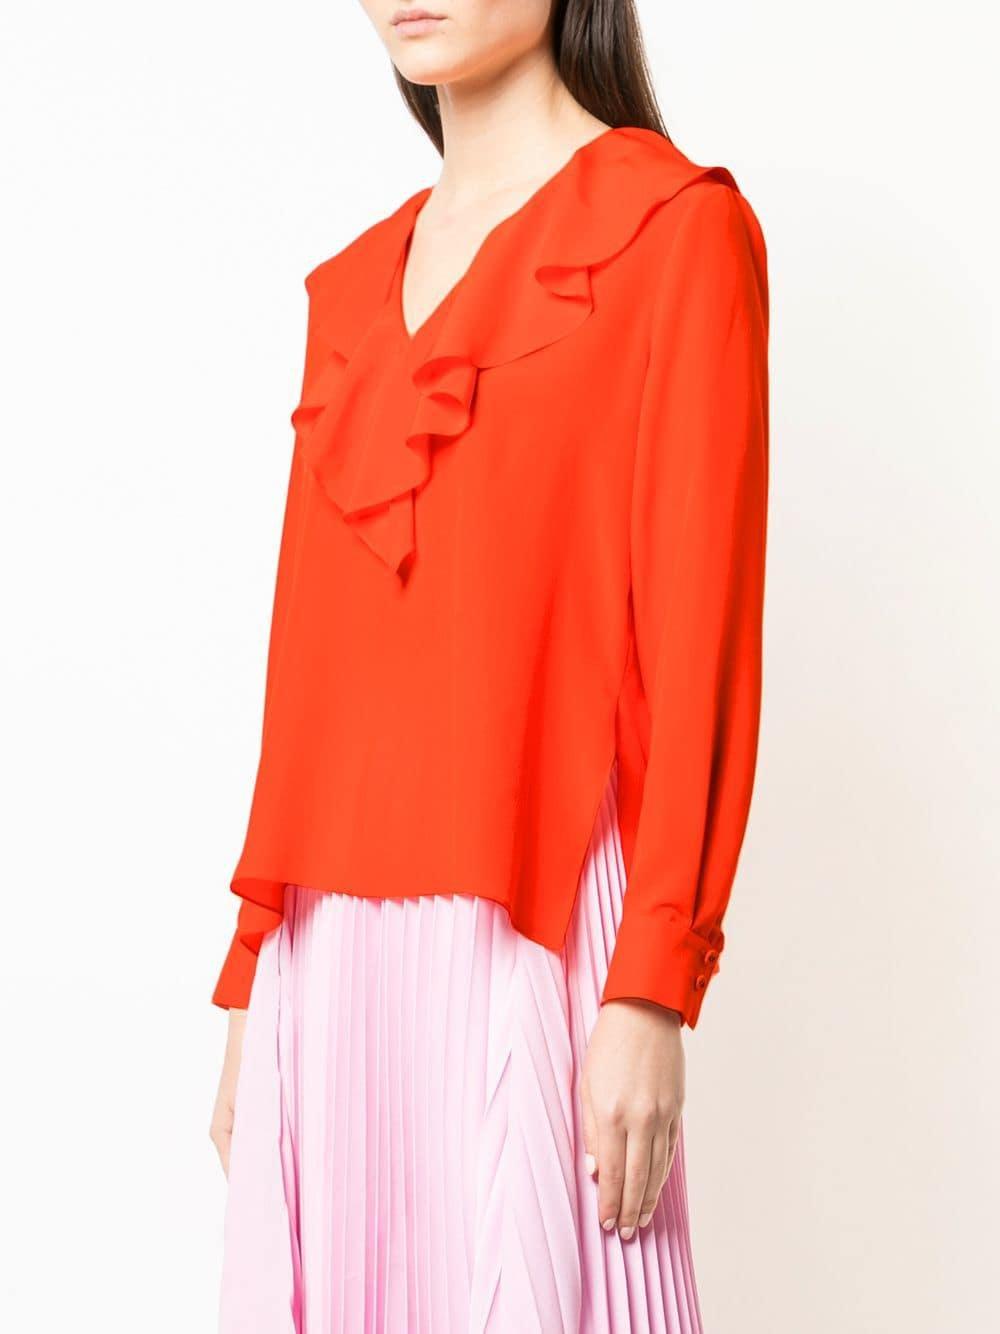 Orange Bahamas Fendi In Blouse Lyst fHnIqW8w 4da8e54843c